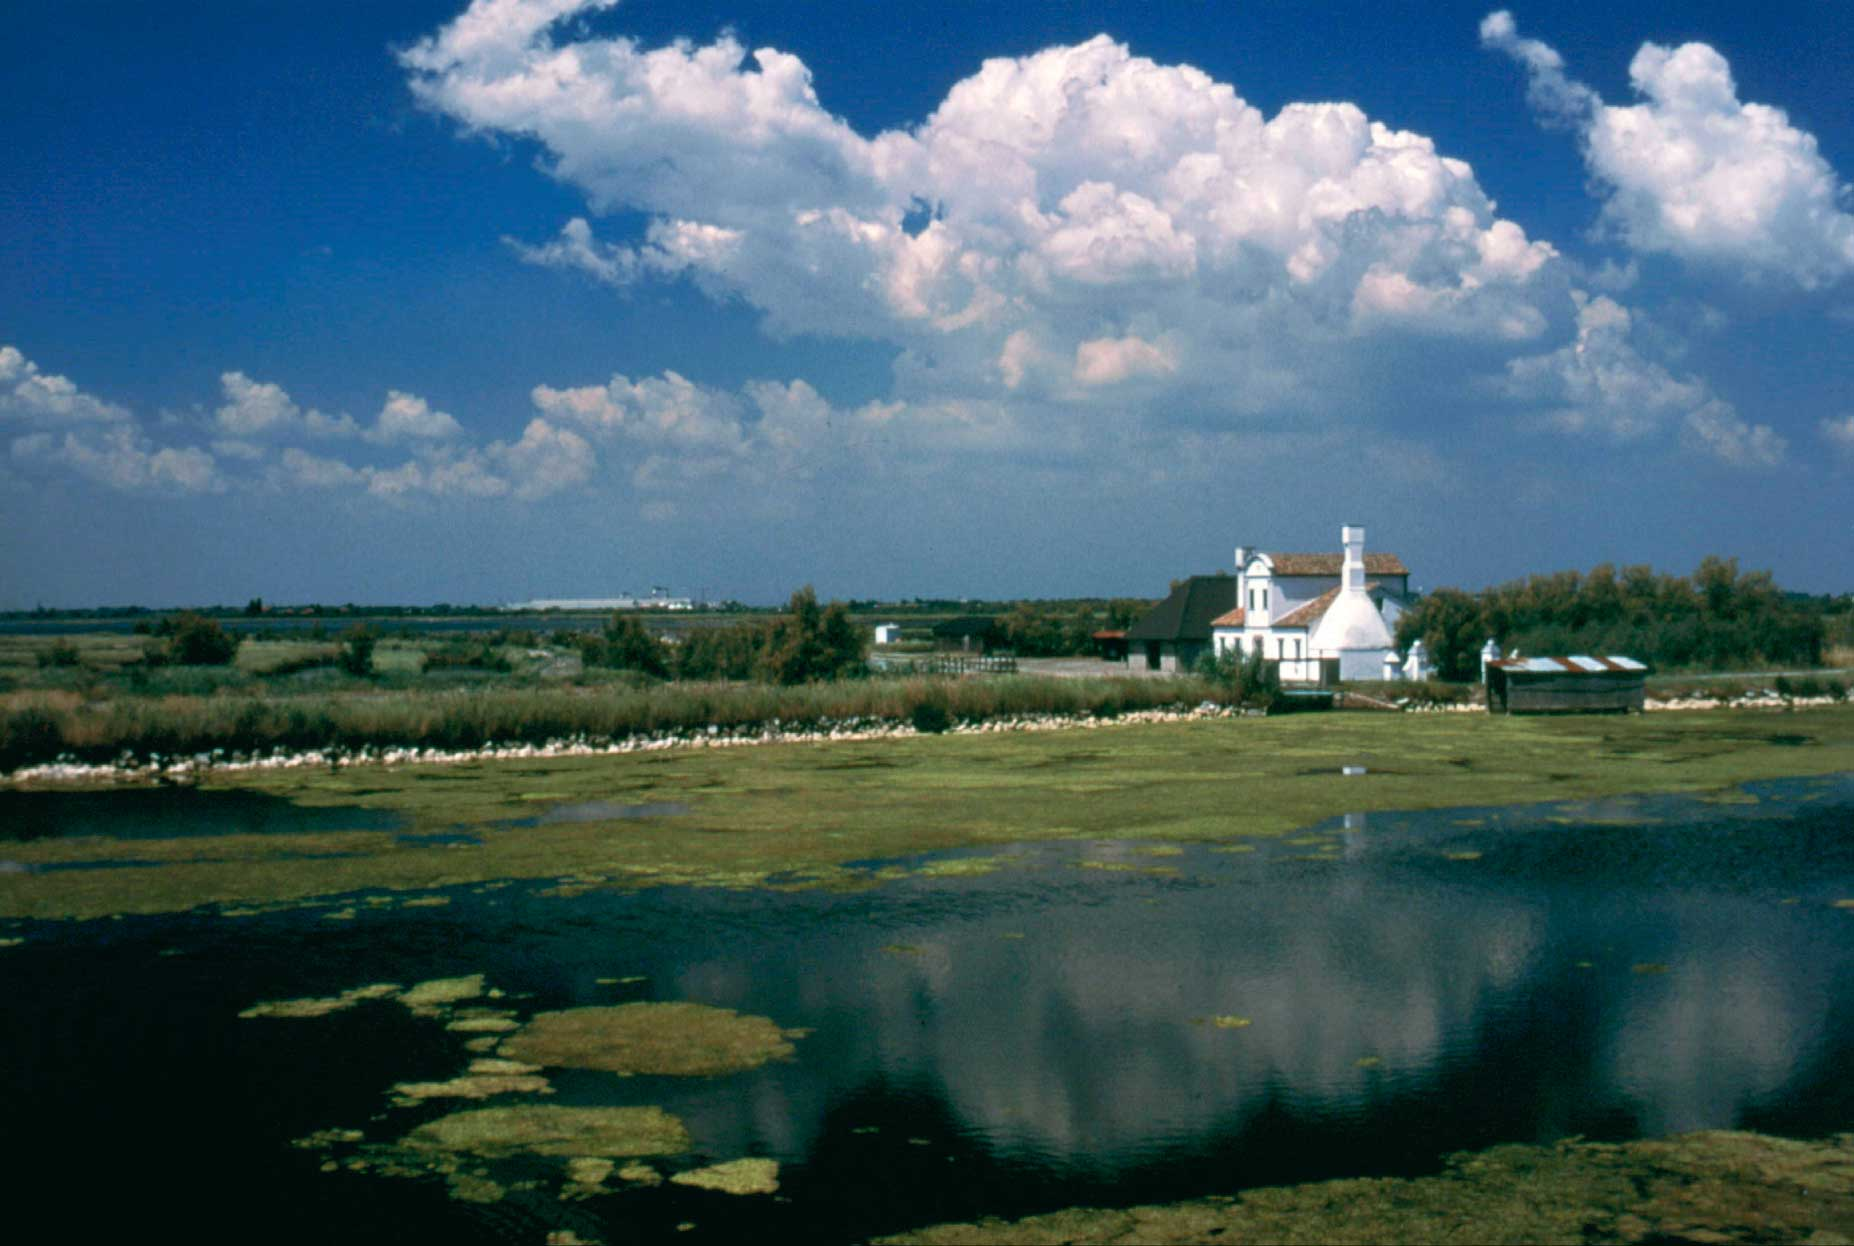 Parco Delta del Po verso riconoscimento UNESCO